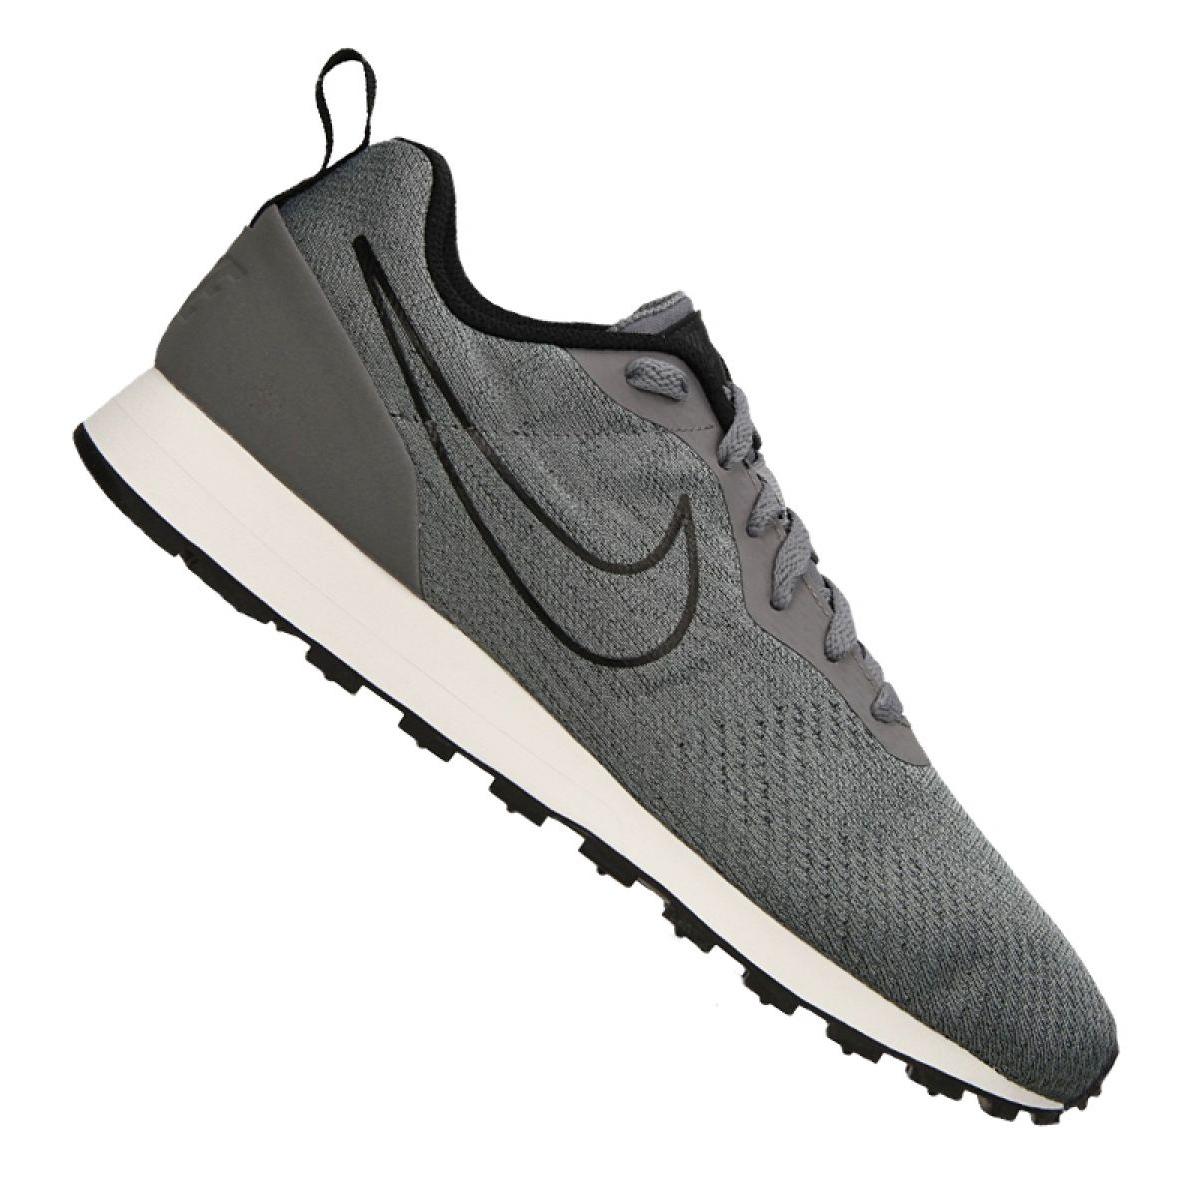 Détails sur Chaussures Nike Md Runner 2 Eng M M 916774 001 gris